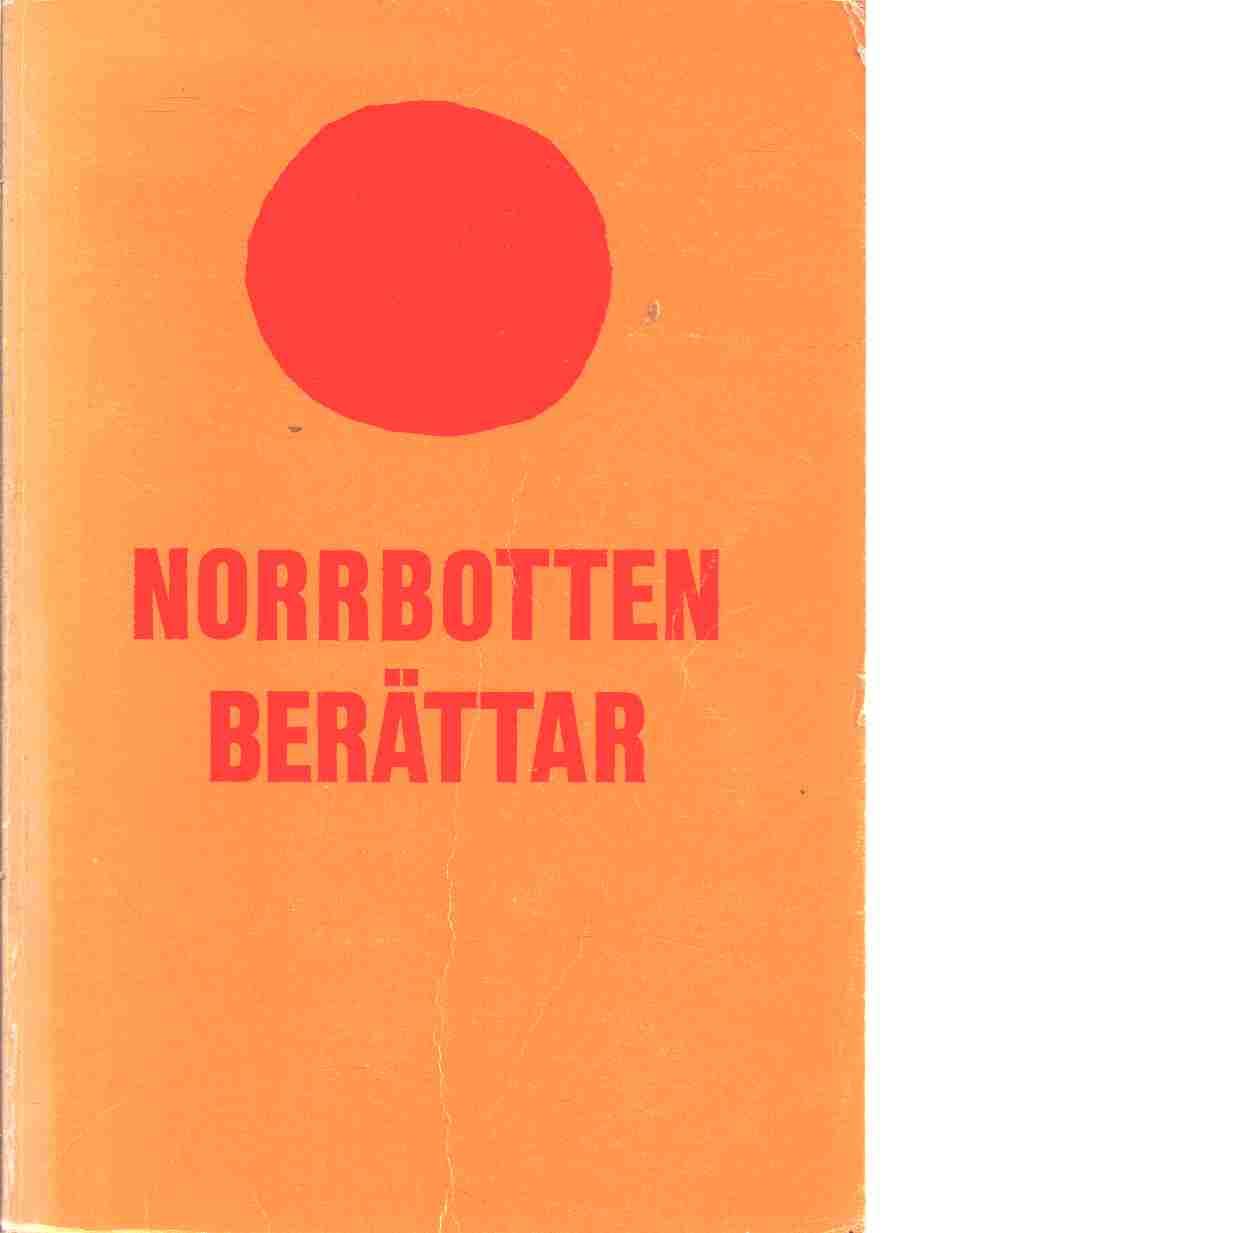 Norrbotten berättar - Red. Norrbottens bildningsförbund och Kommittén för television och radio i utbildningen